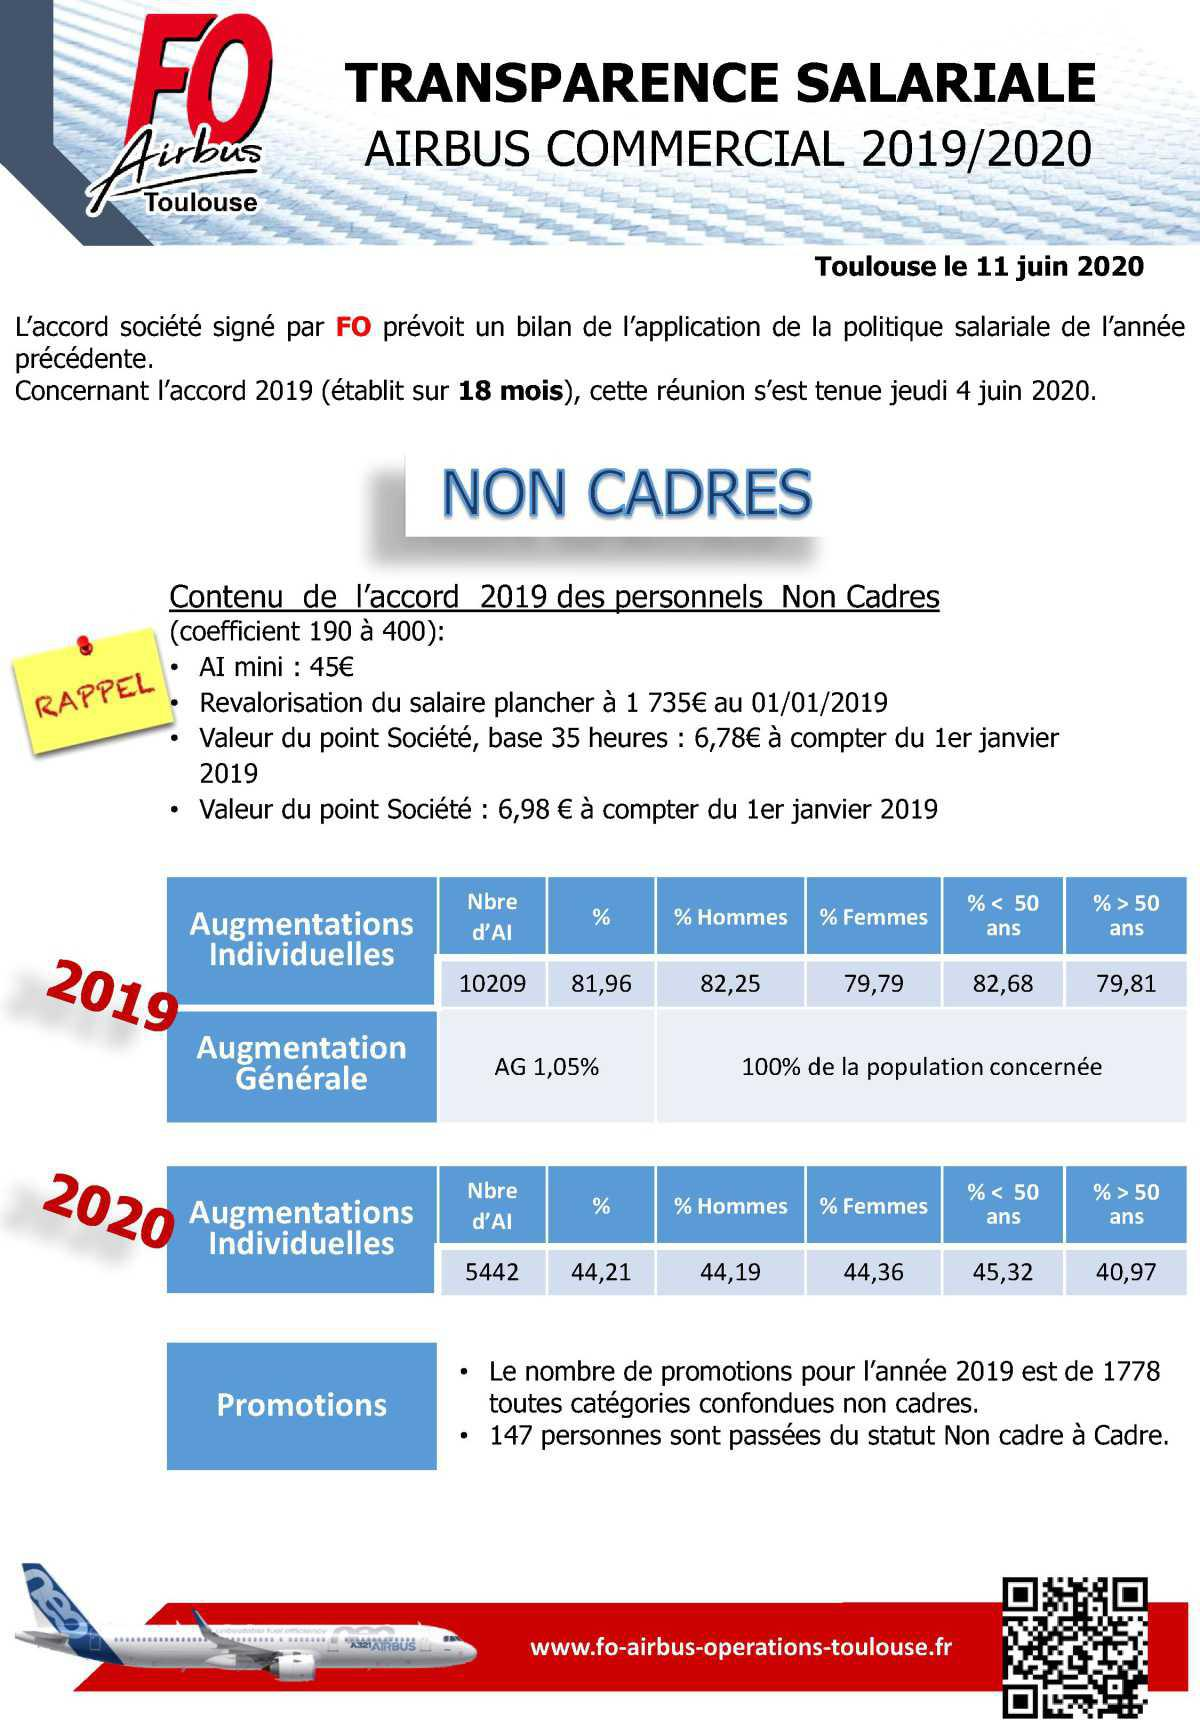 Transparence salariale du 1er janvier 2019 au 30 juin 2020